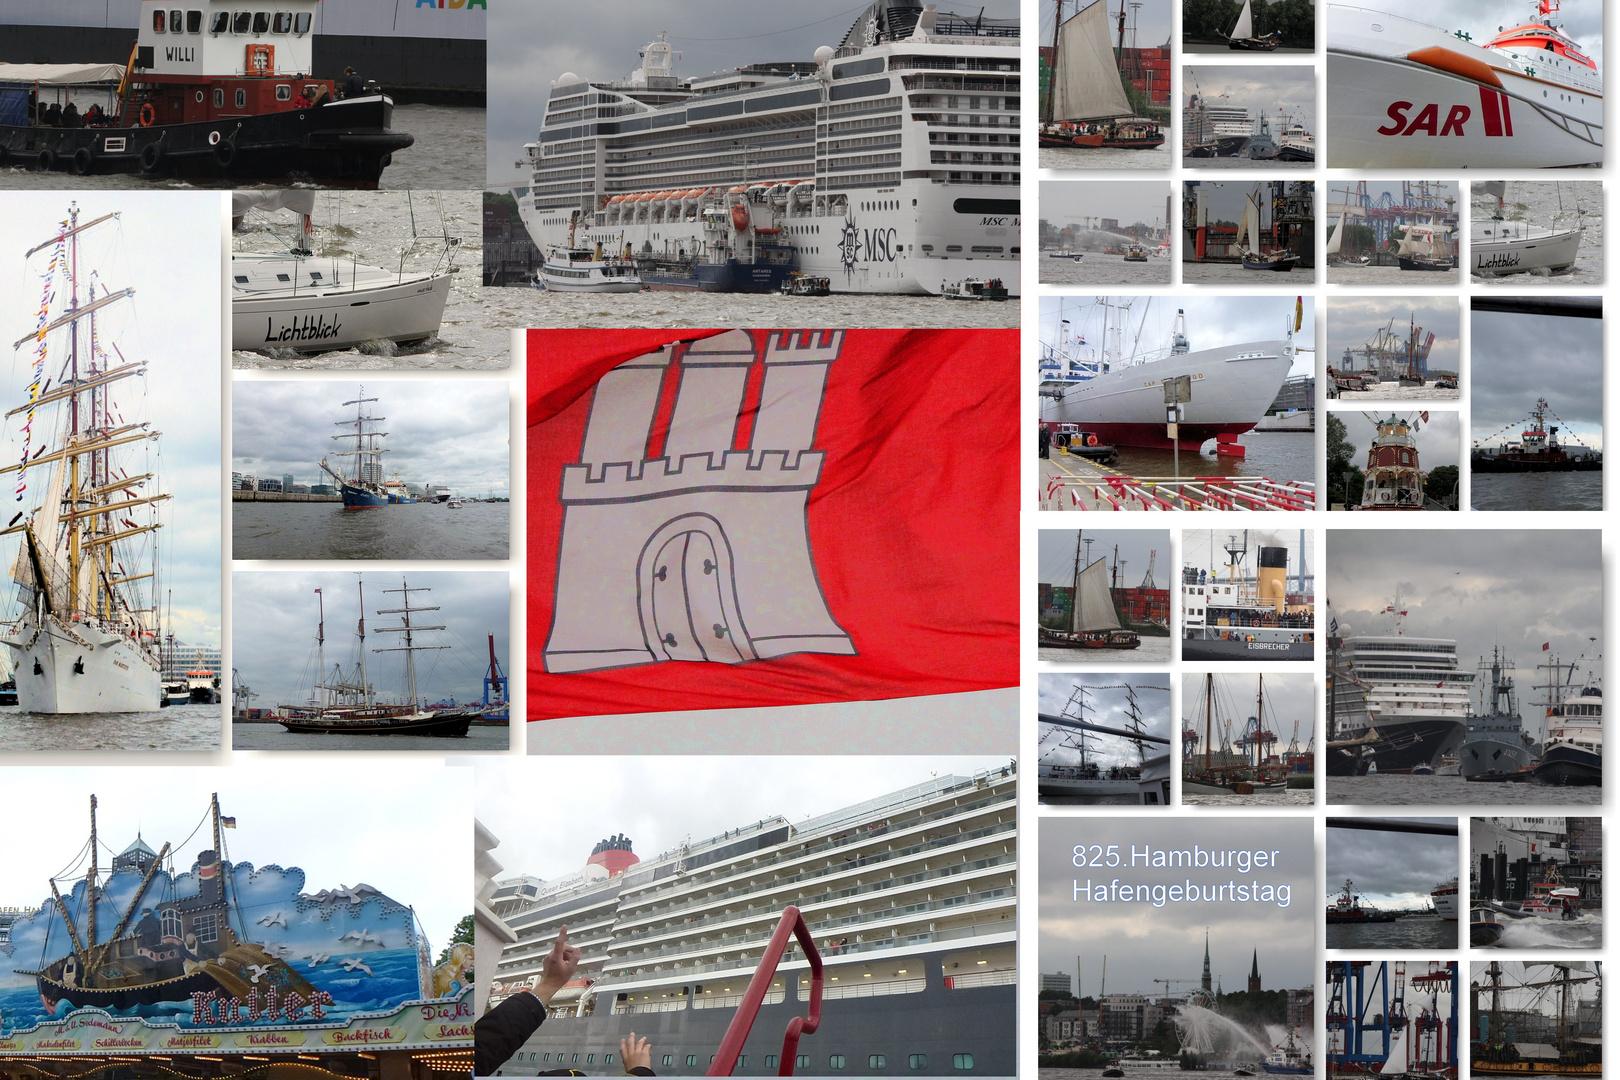 Rückblick auf den Hamburger Hafengeburtstag 825